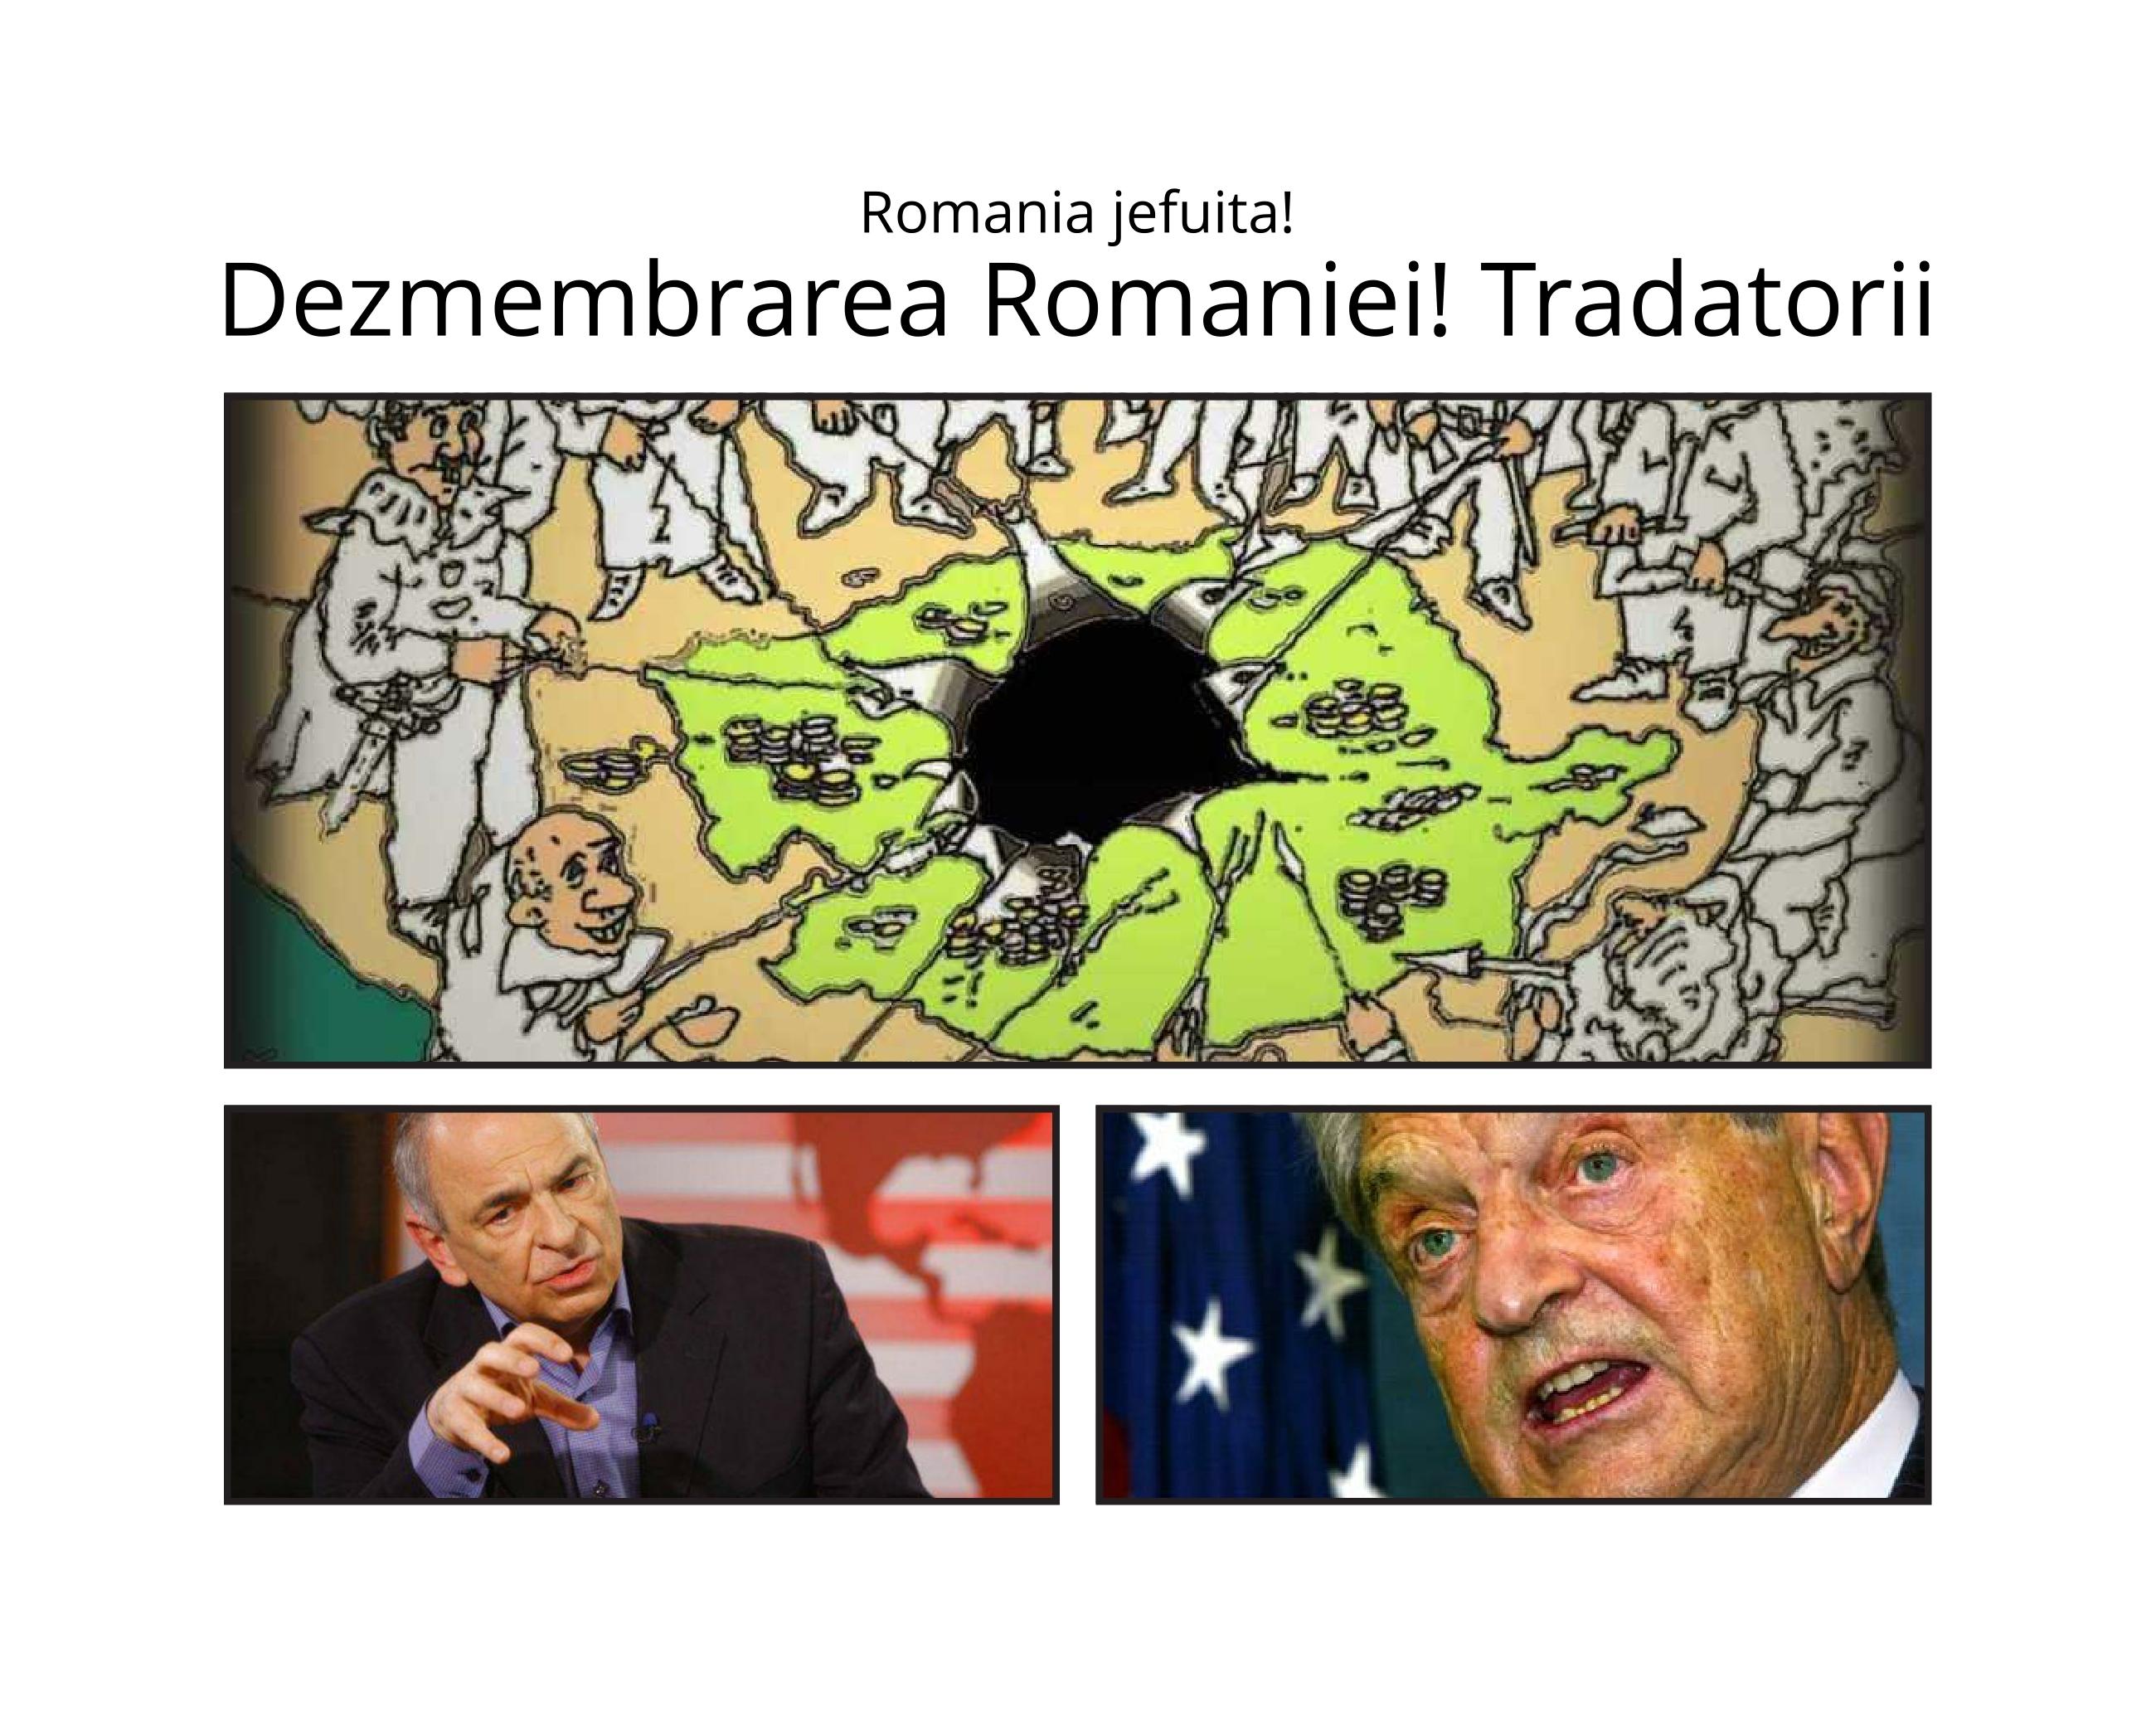 dezmembrarea-romaniei-romania-jefuita